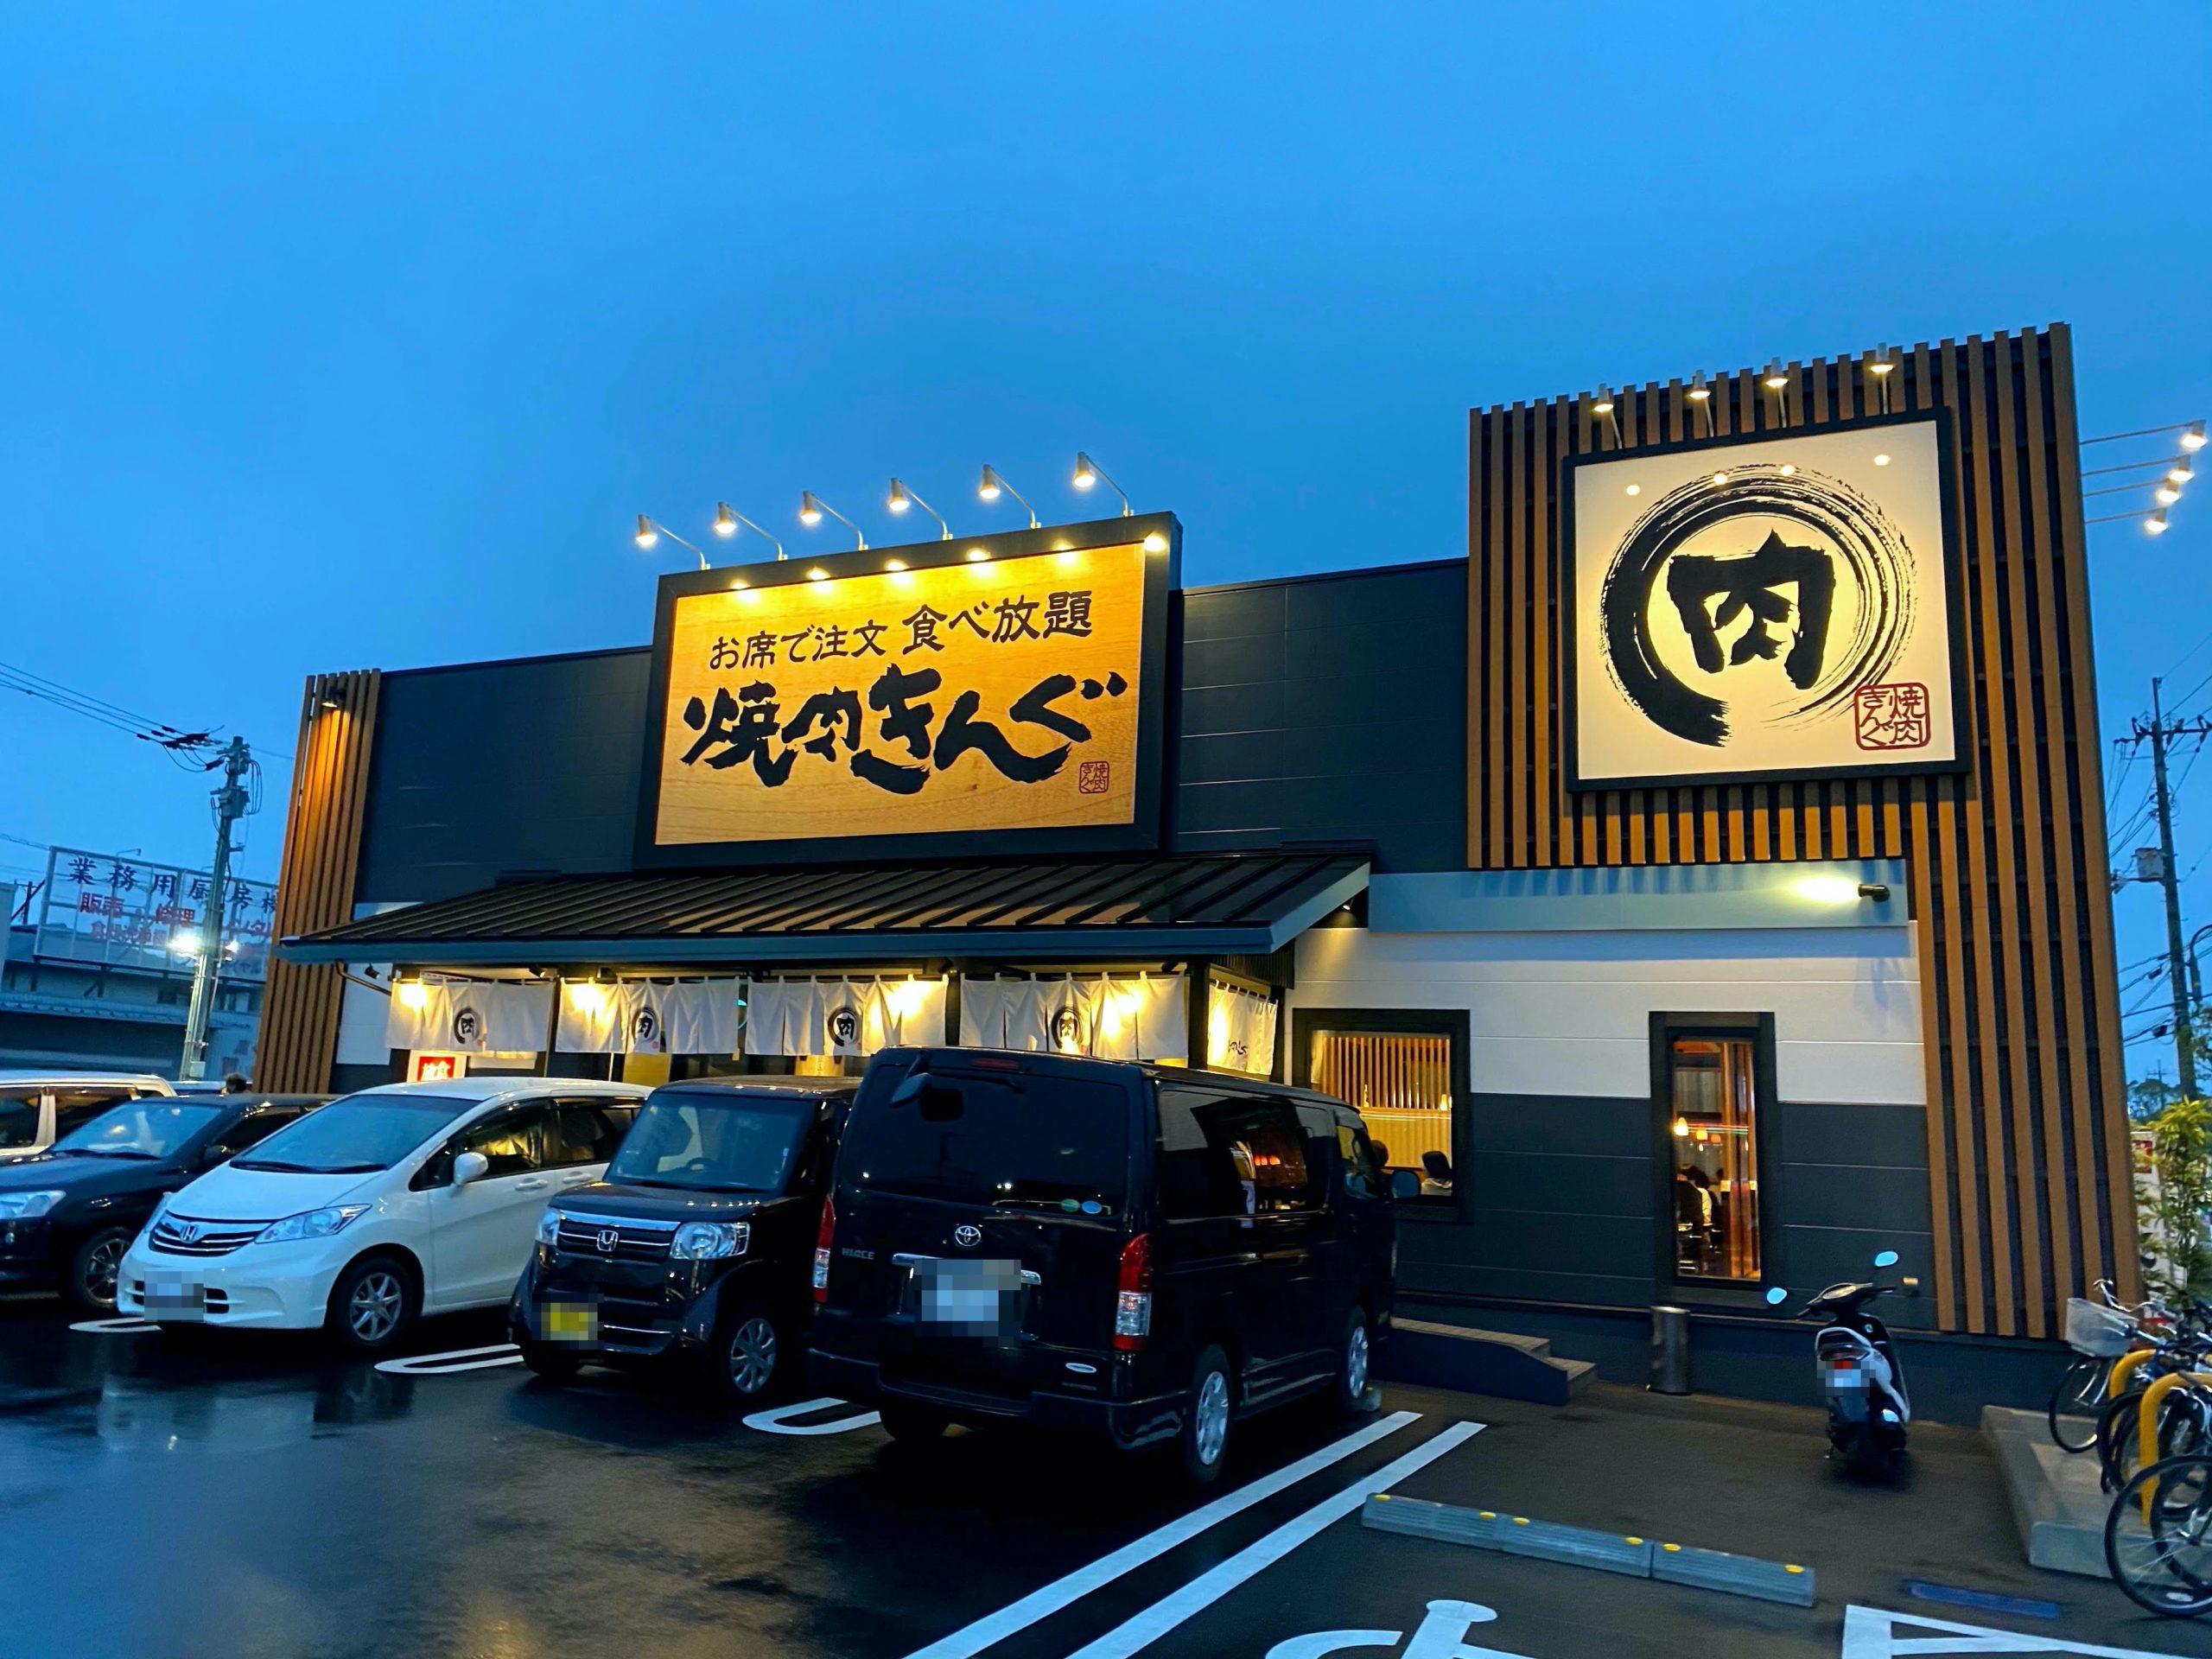 焼肉きんぐ高知インター店で「きんぐコース 2980円」と「飲み放題 1380円」大満足でした|KOCHI's Blog - 高知大好き!